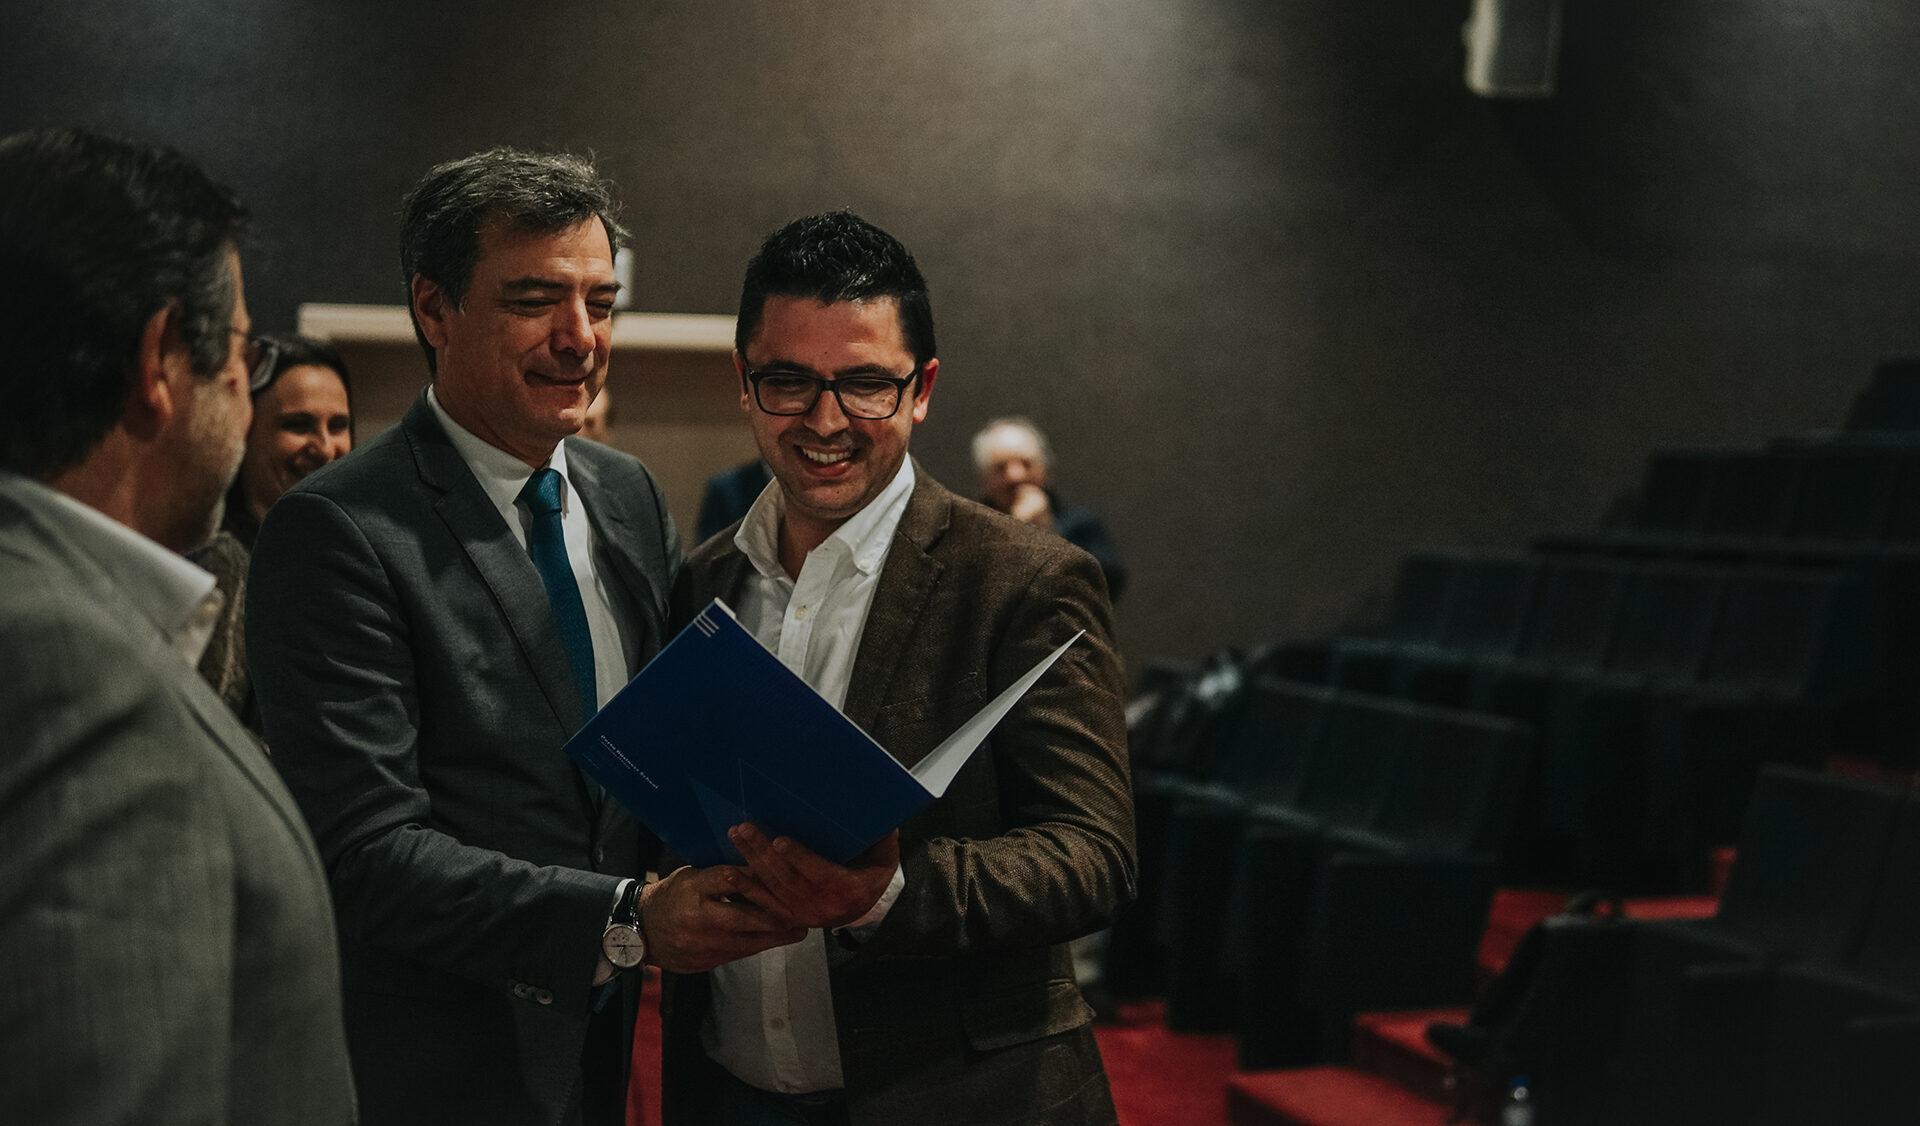 Sessão de encerramento, de um participante (Ildebrando Campos) a receber o diploma das mãos de Carlos Van Zeller, administrador